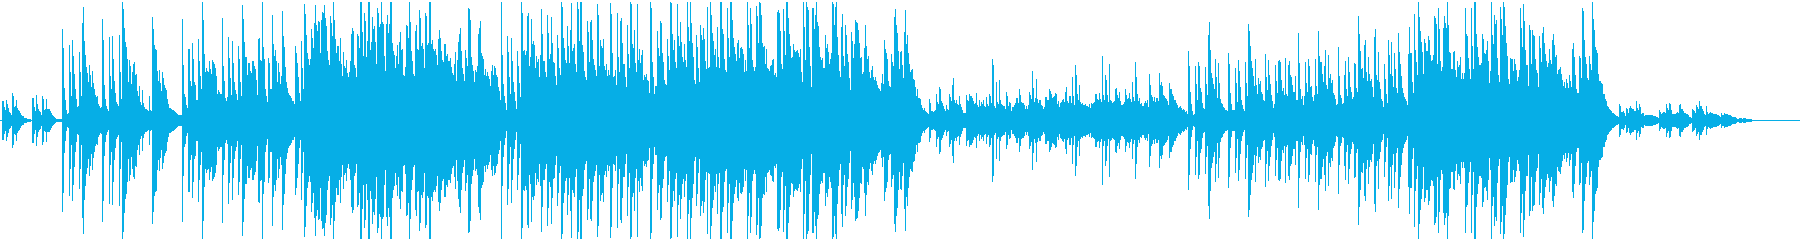 アニメーションの短編またはインディ...の再生済みの波形